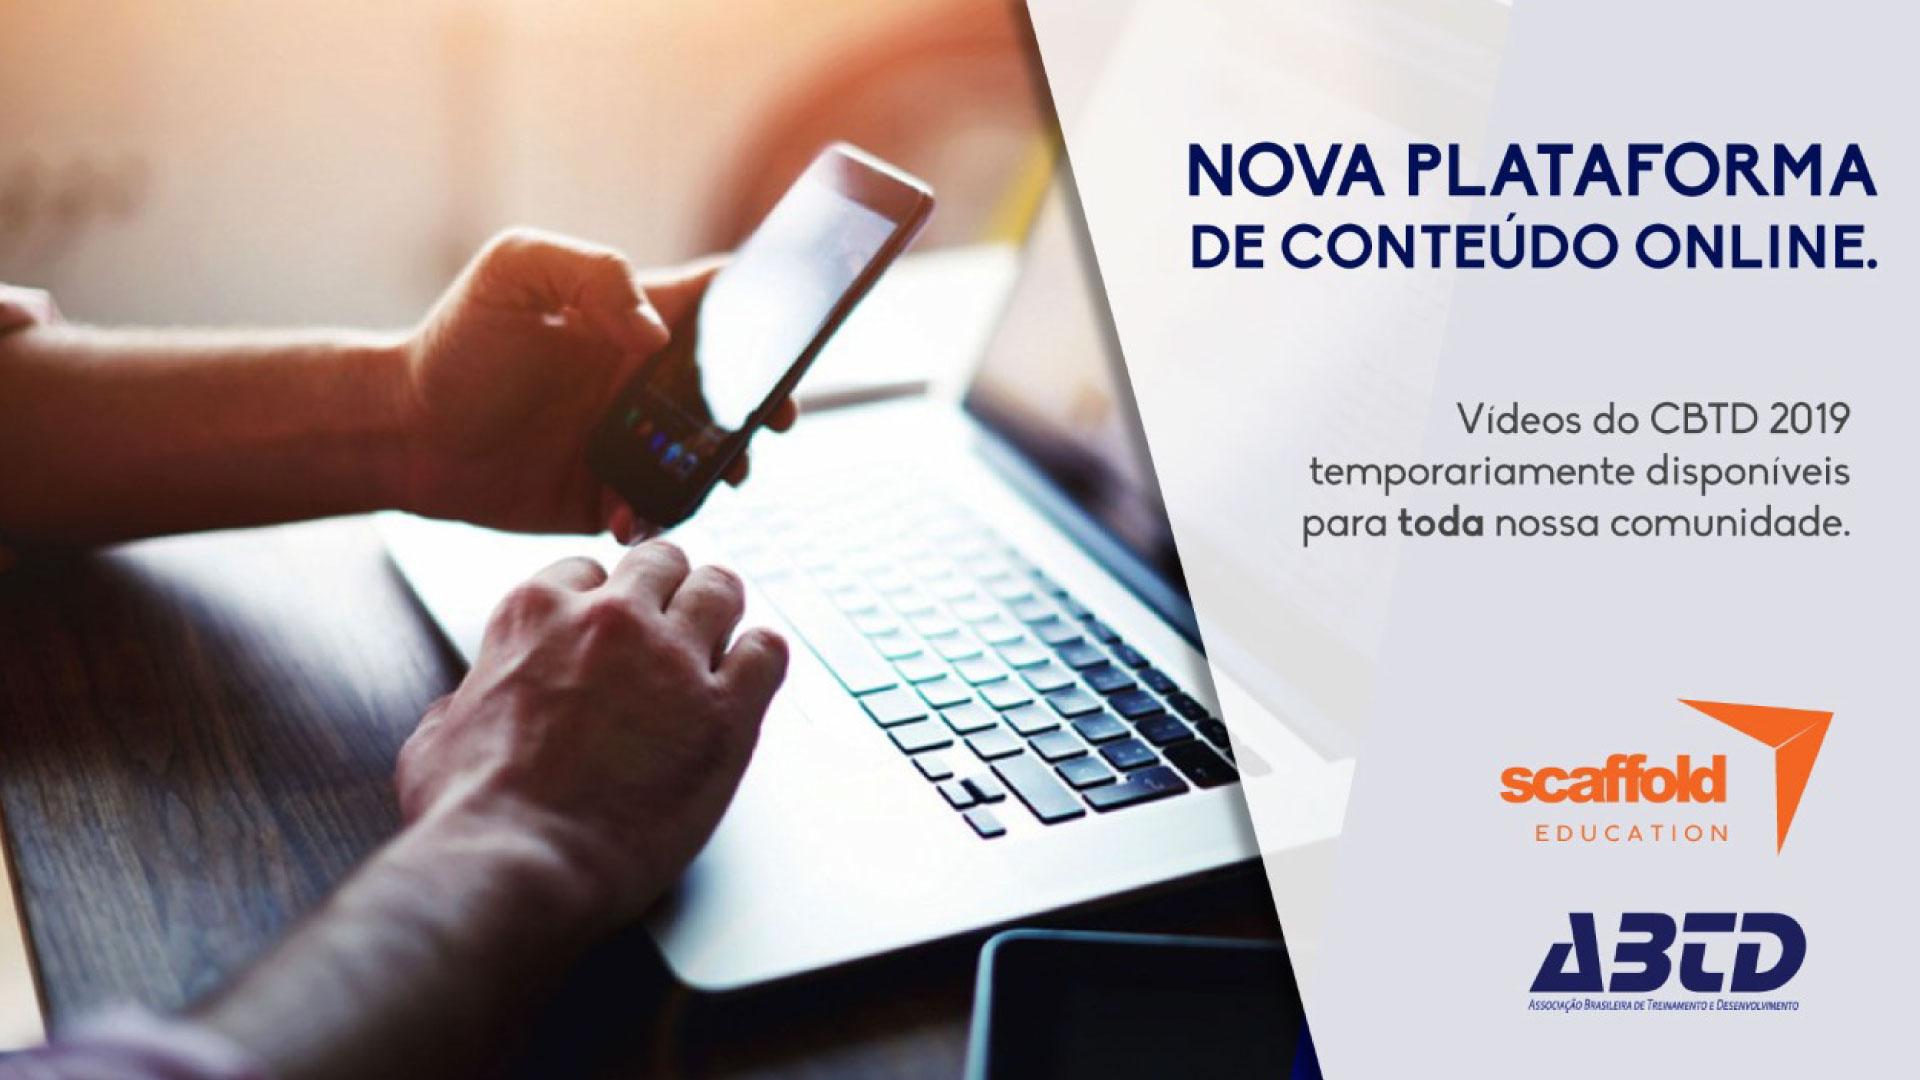 Nova plataforma de conteúdo online!